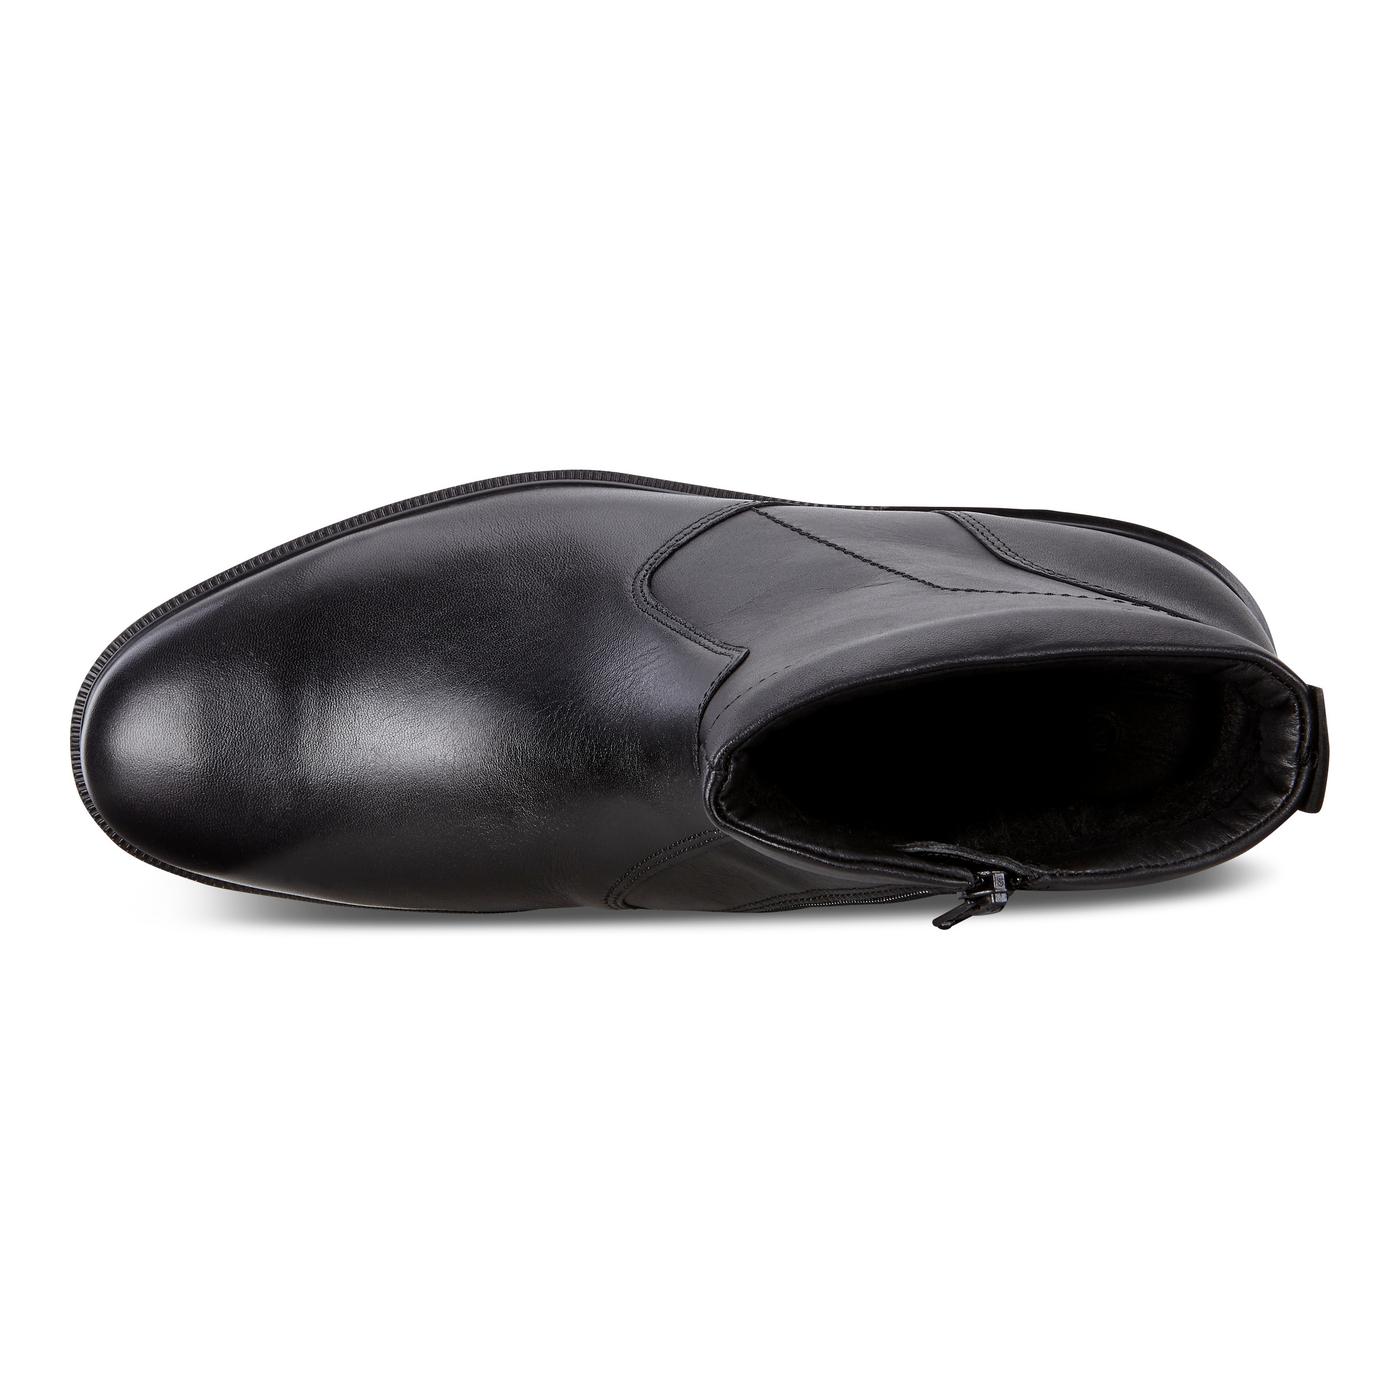 ECCO LISBON Chelsea Boot